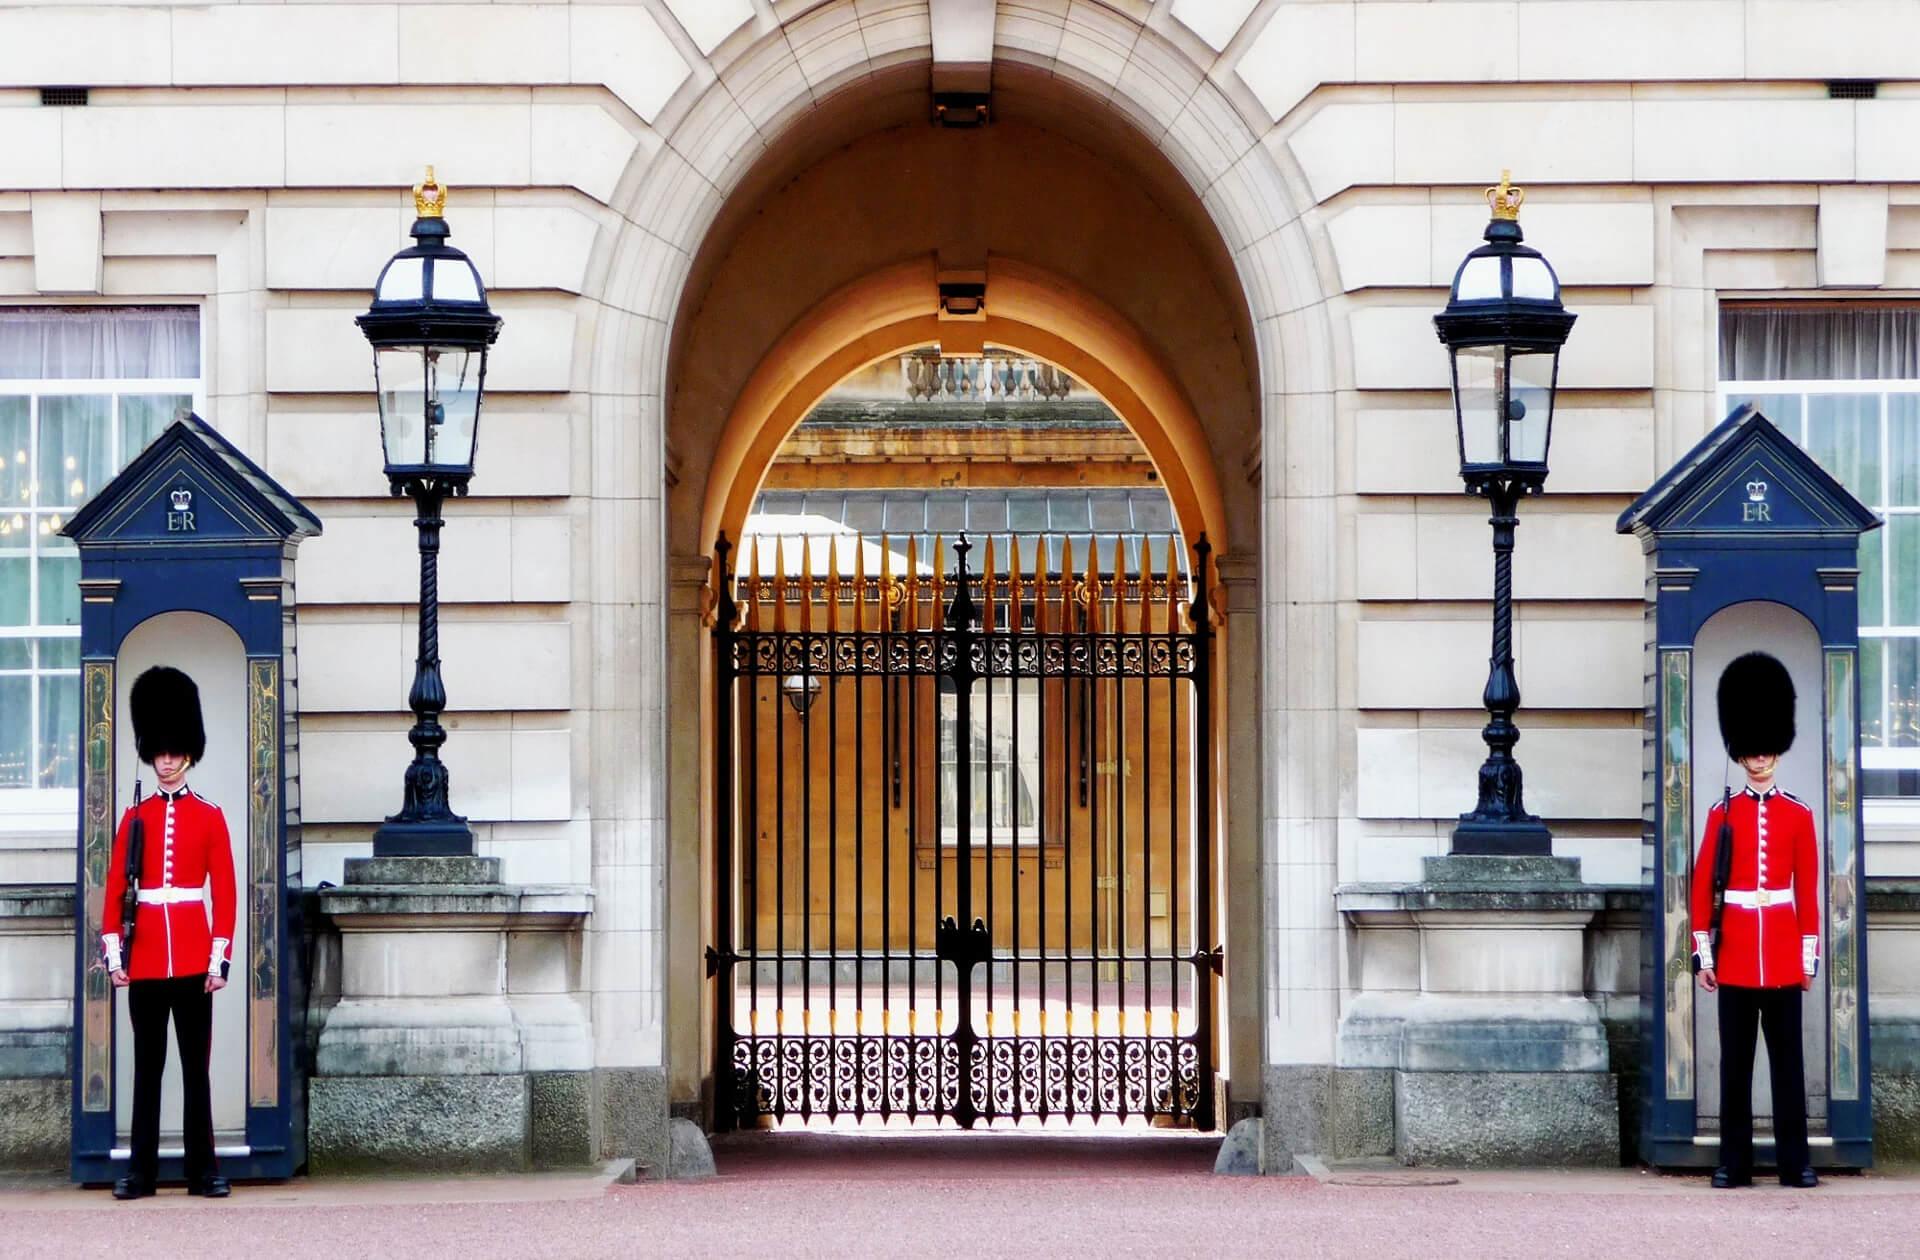 Buckingham Palace Royal Guards